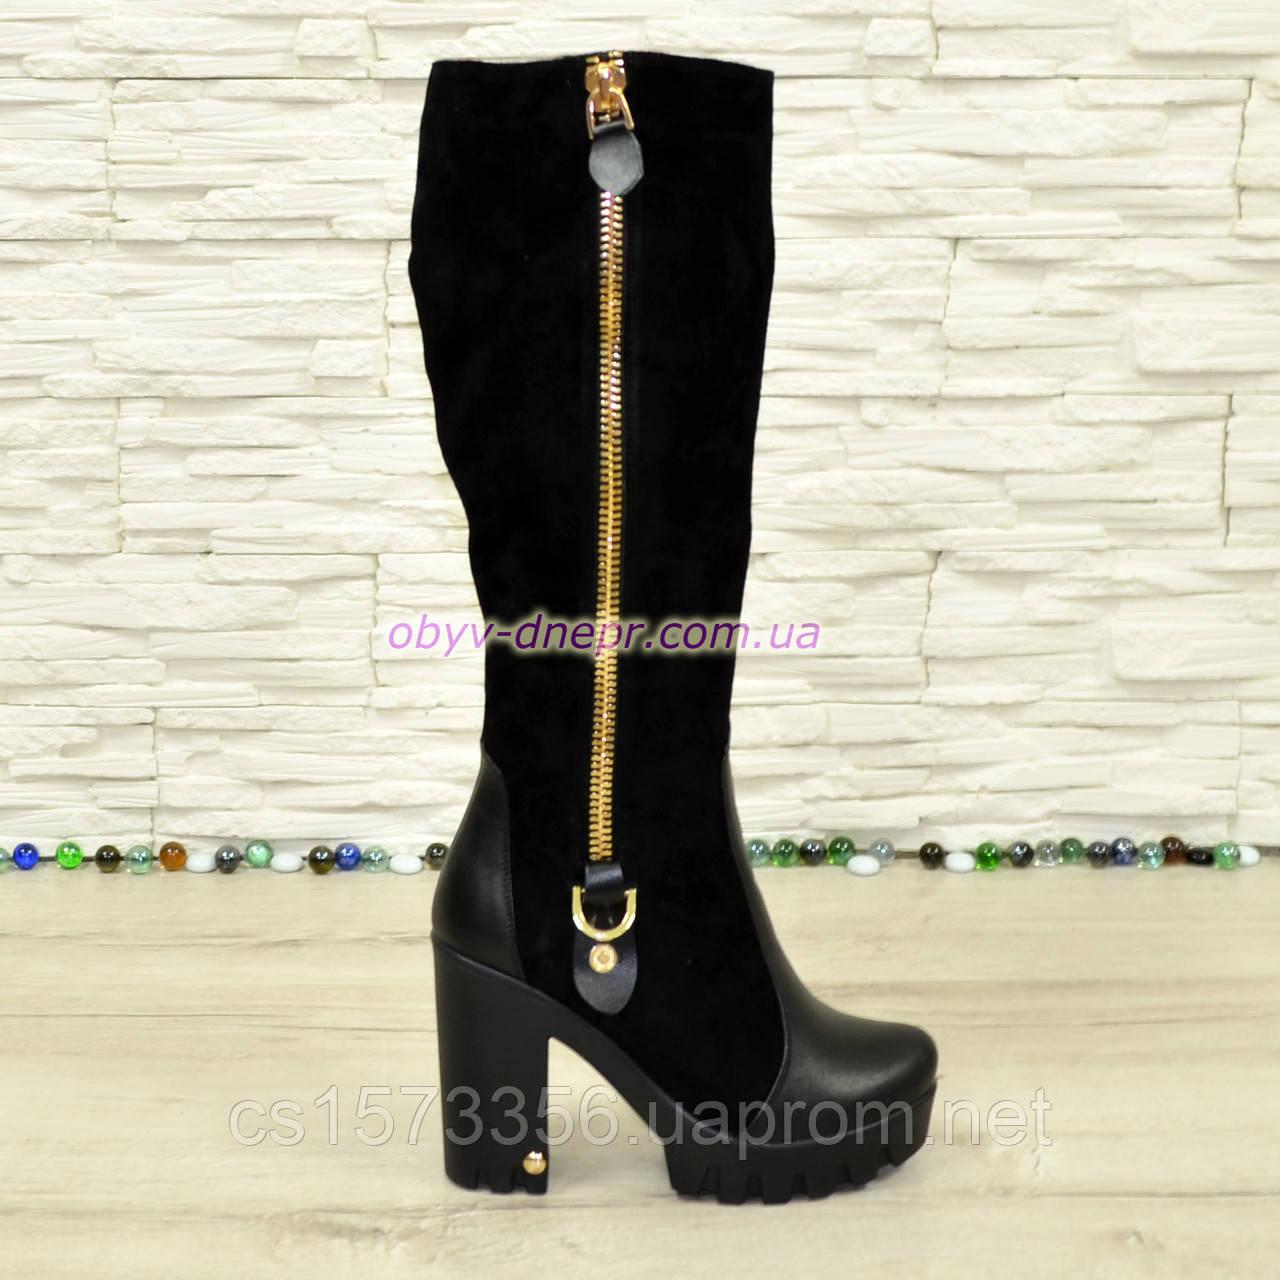 Сапоги демисезонные женские черные на высоком каблуке, натуральная кожа и замша.